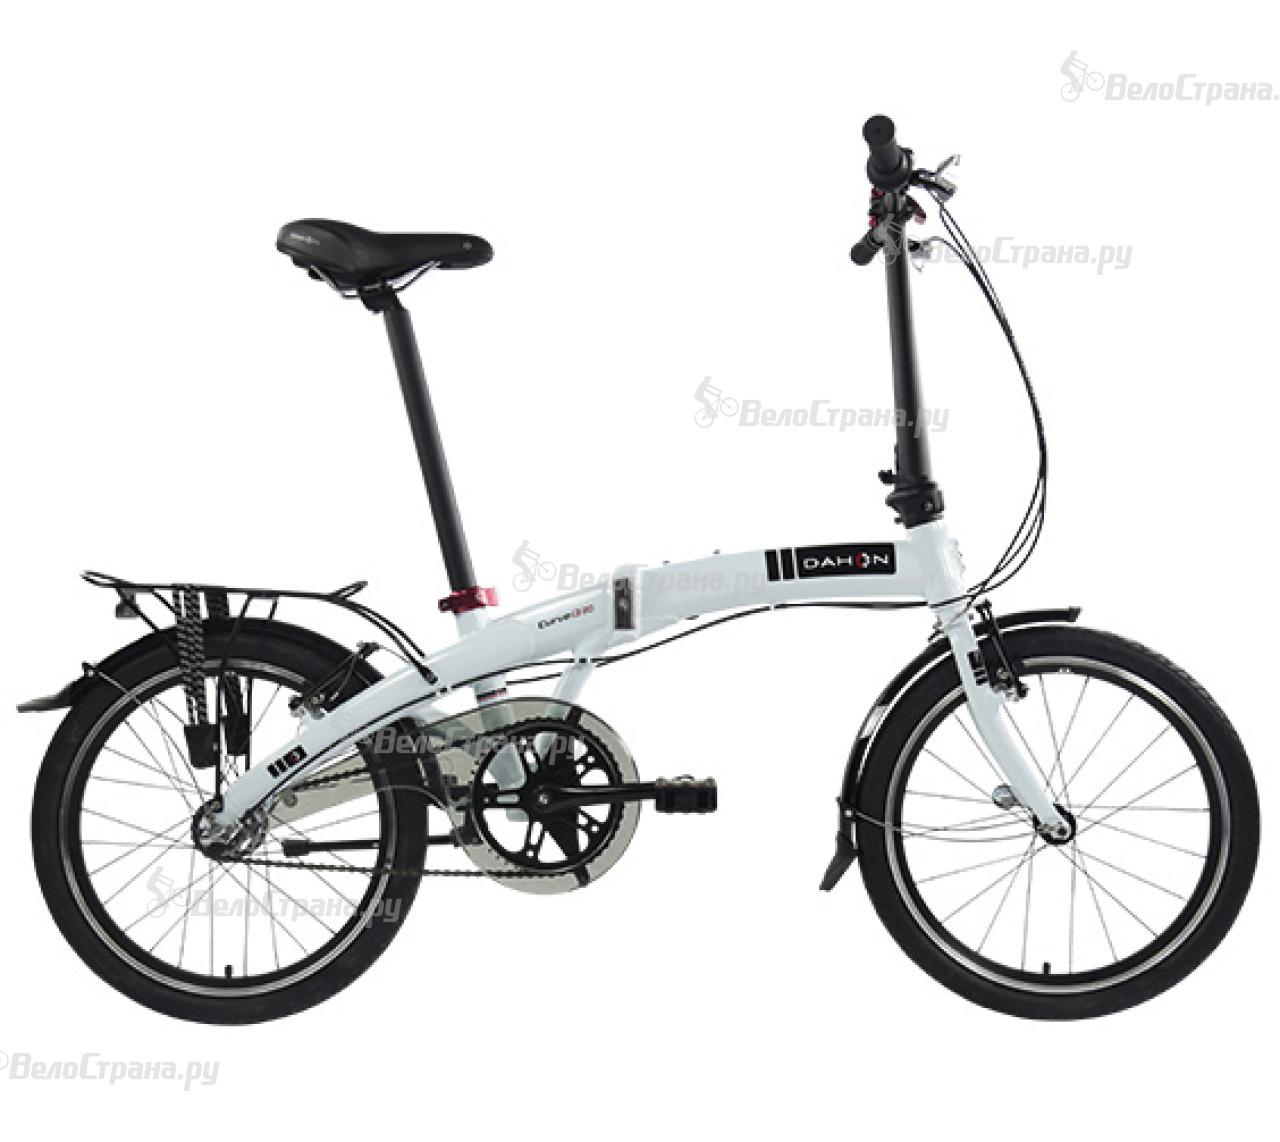 все цены на Велосипед Dahon Curve i3 (2017) онлайн